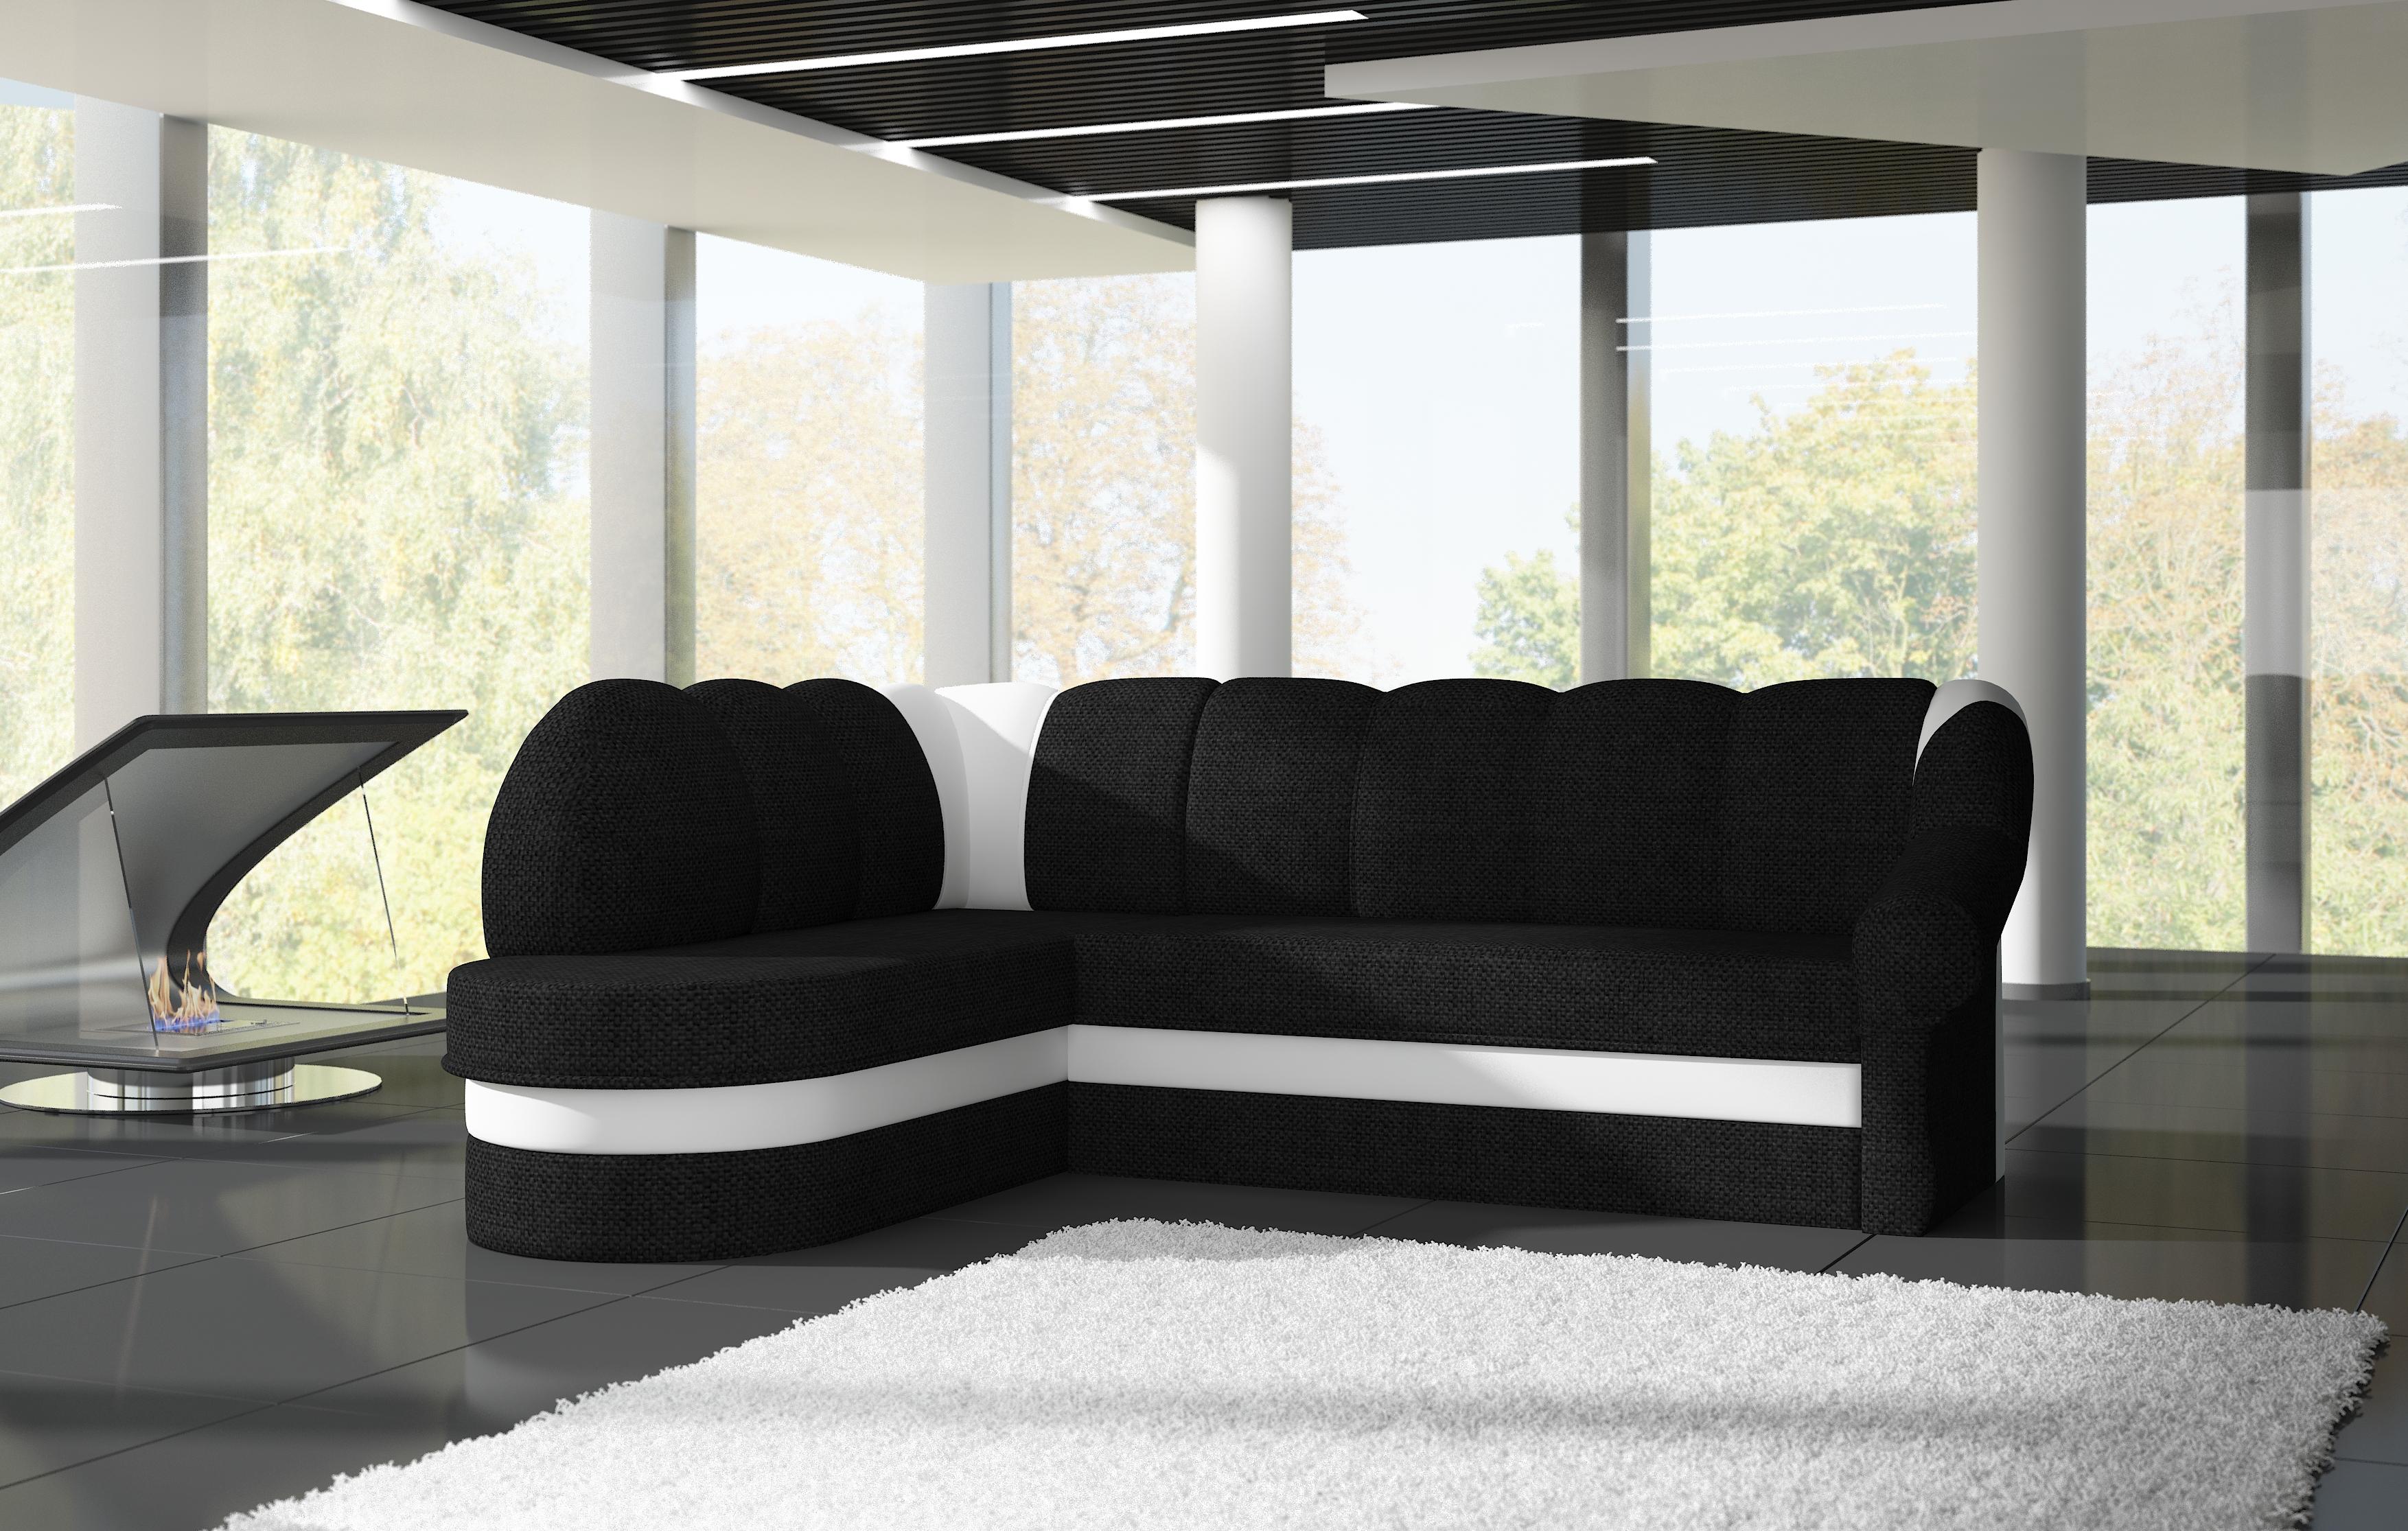 Rohová sedačka TONIL, levá, černá látka/bílá ekokůže